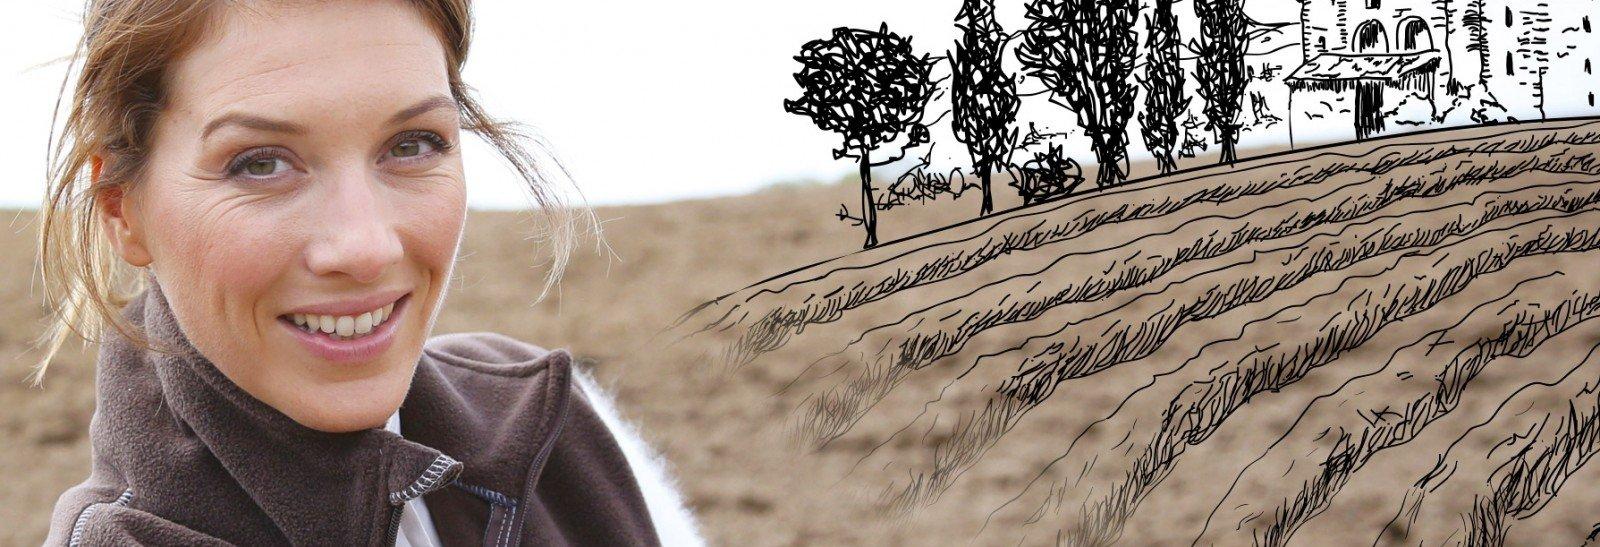 Agricultrice qui souhaite acheter des terres